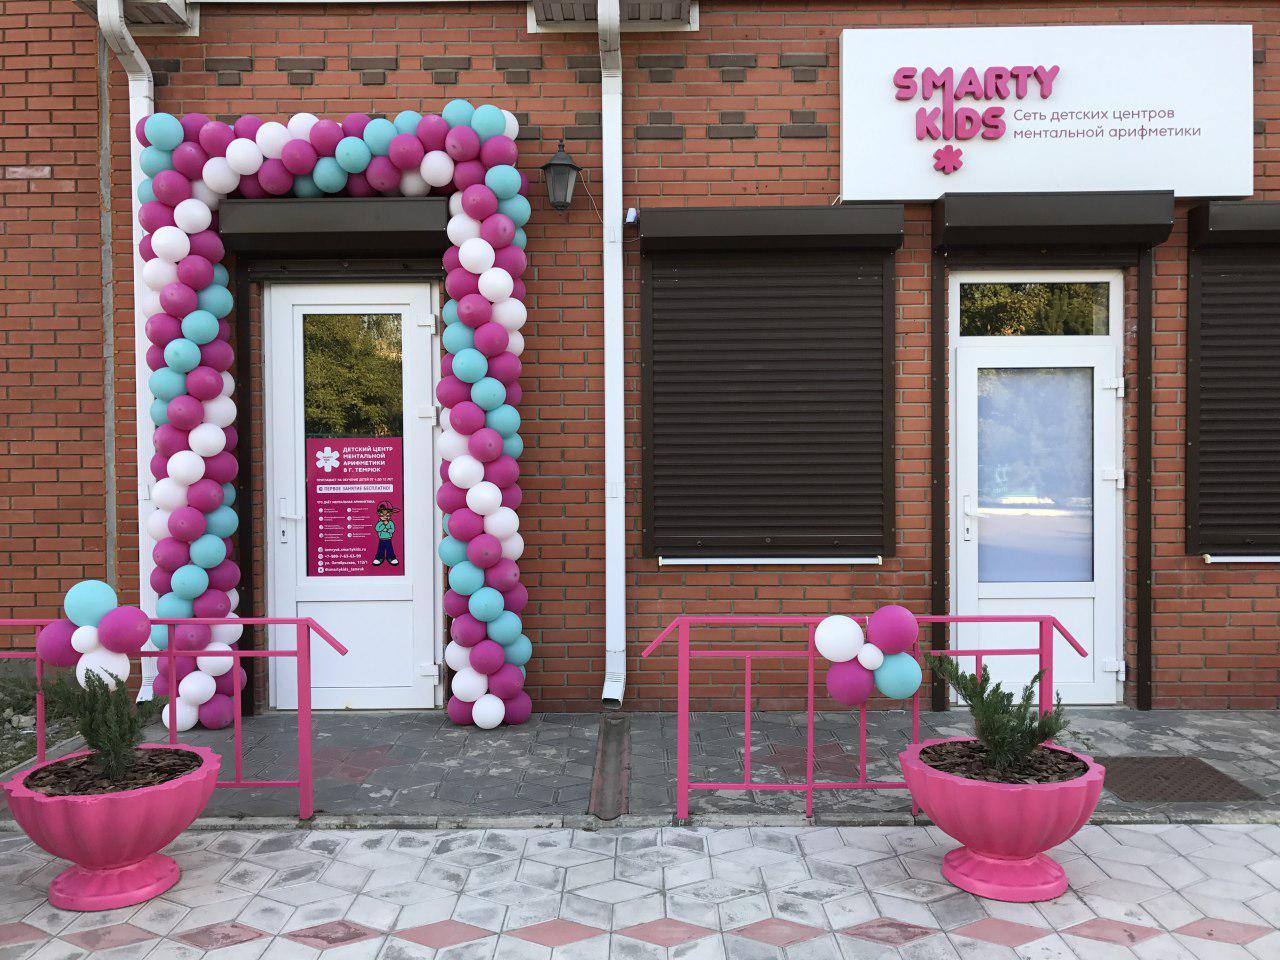 Первый центр SmartyKids в городе Темрюк